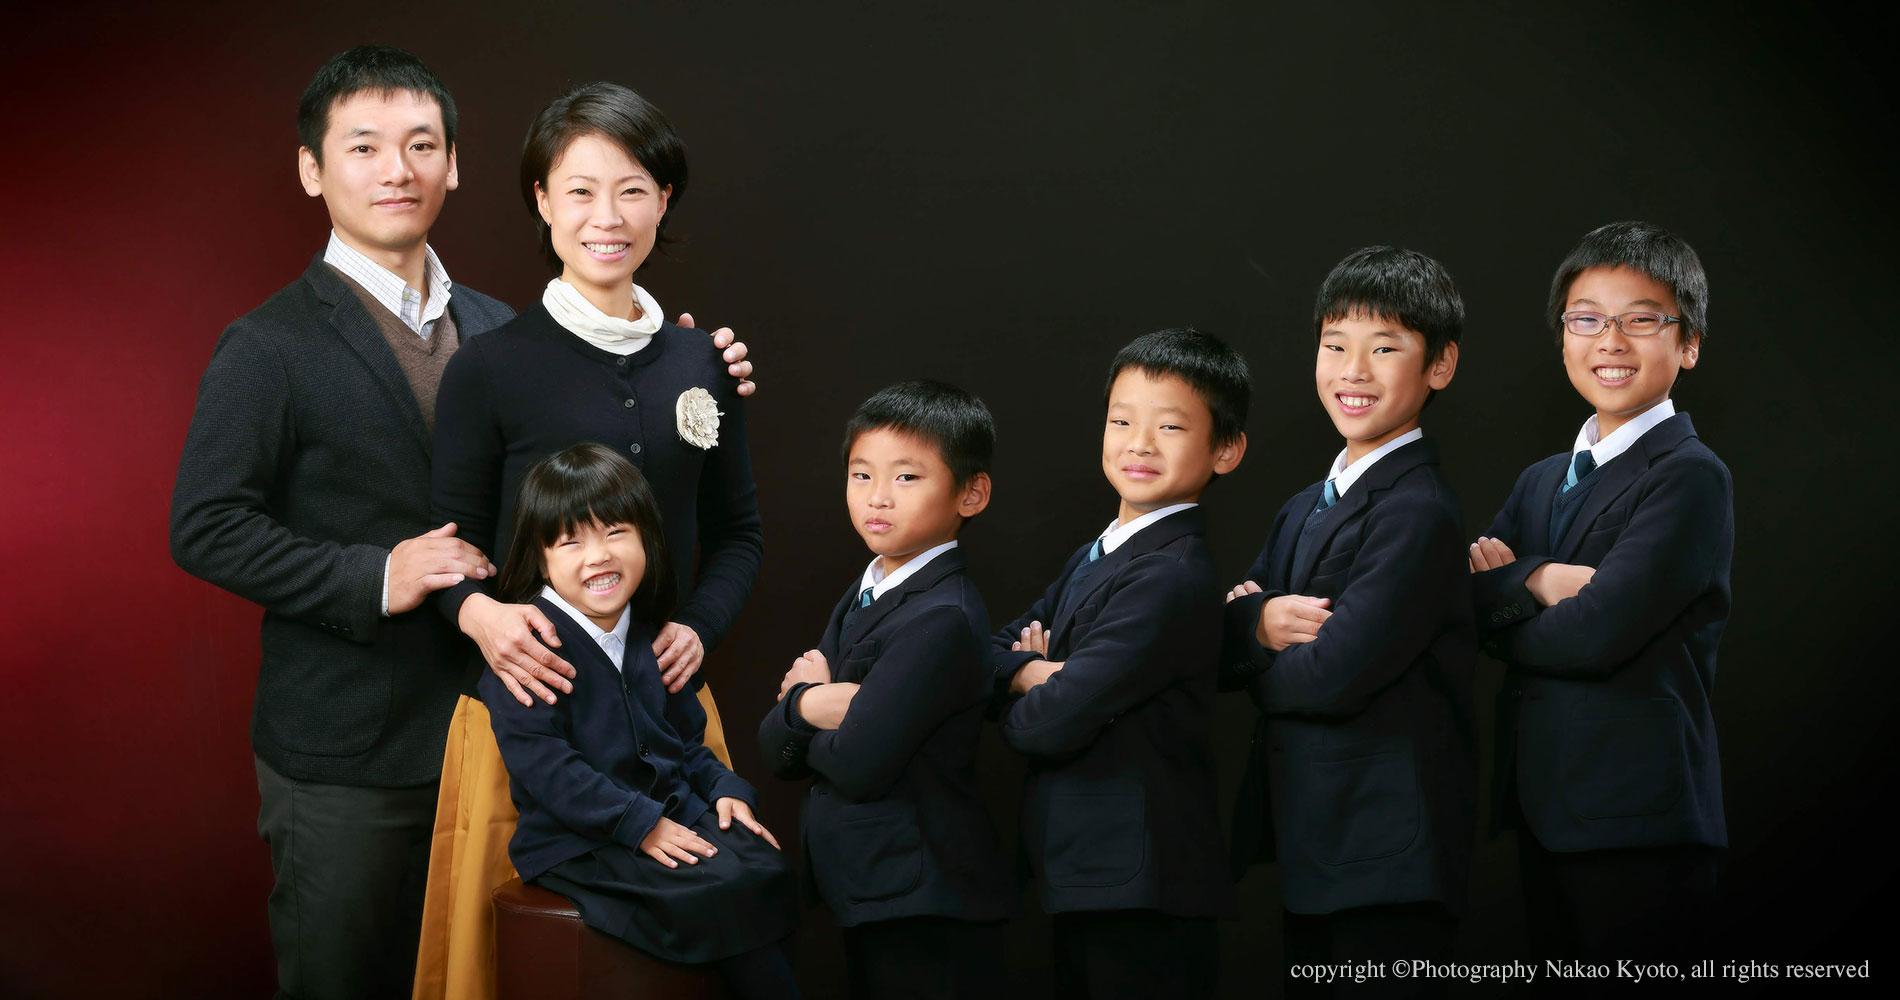 家族写真 5人兄妹大集合